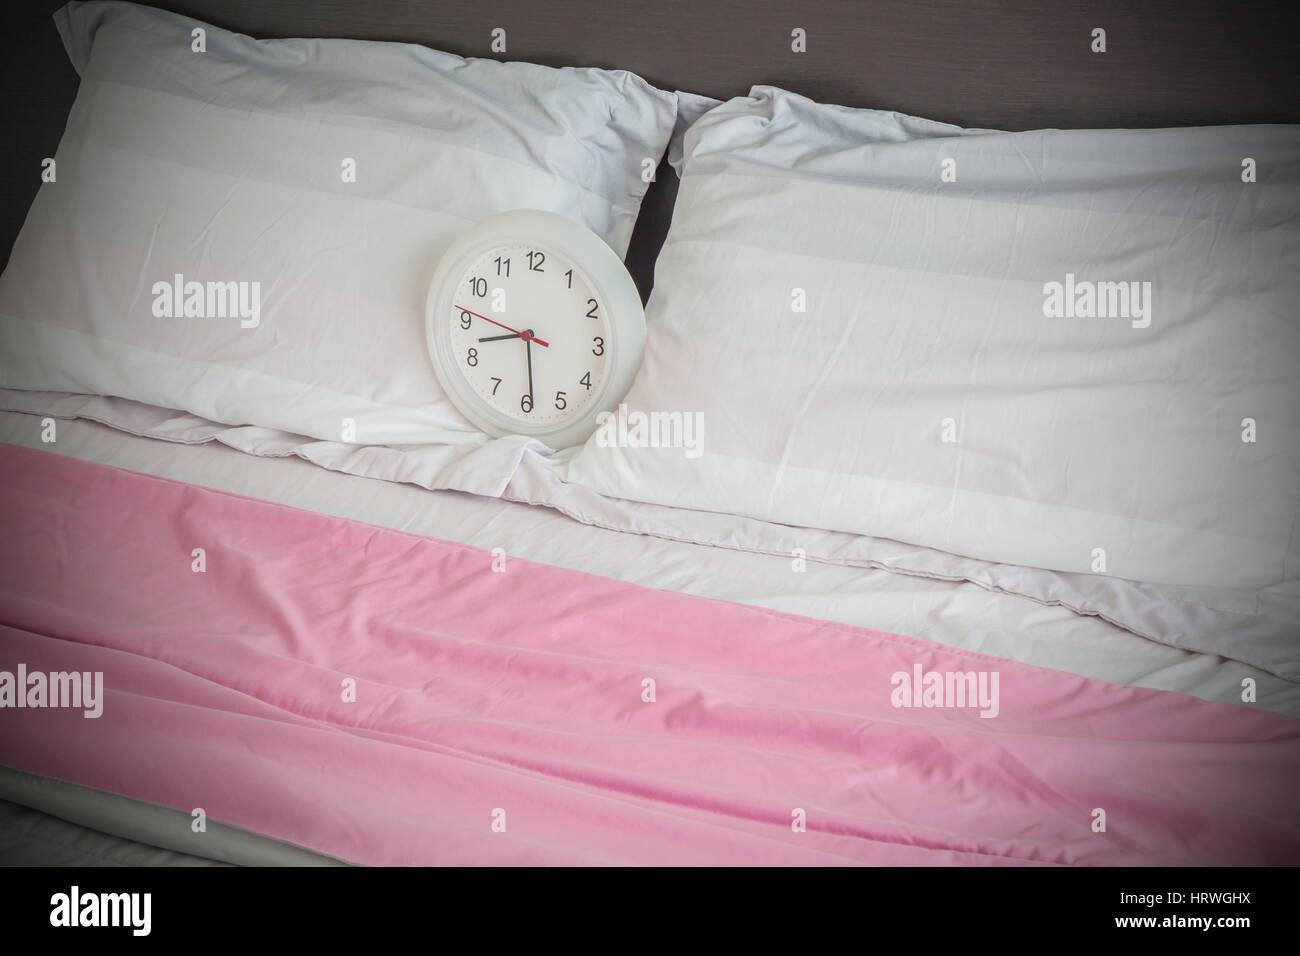 Alarma en la cama como despertar en la mañana concepto. Foto de stock